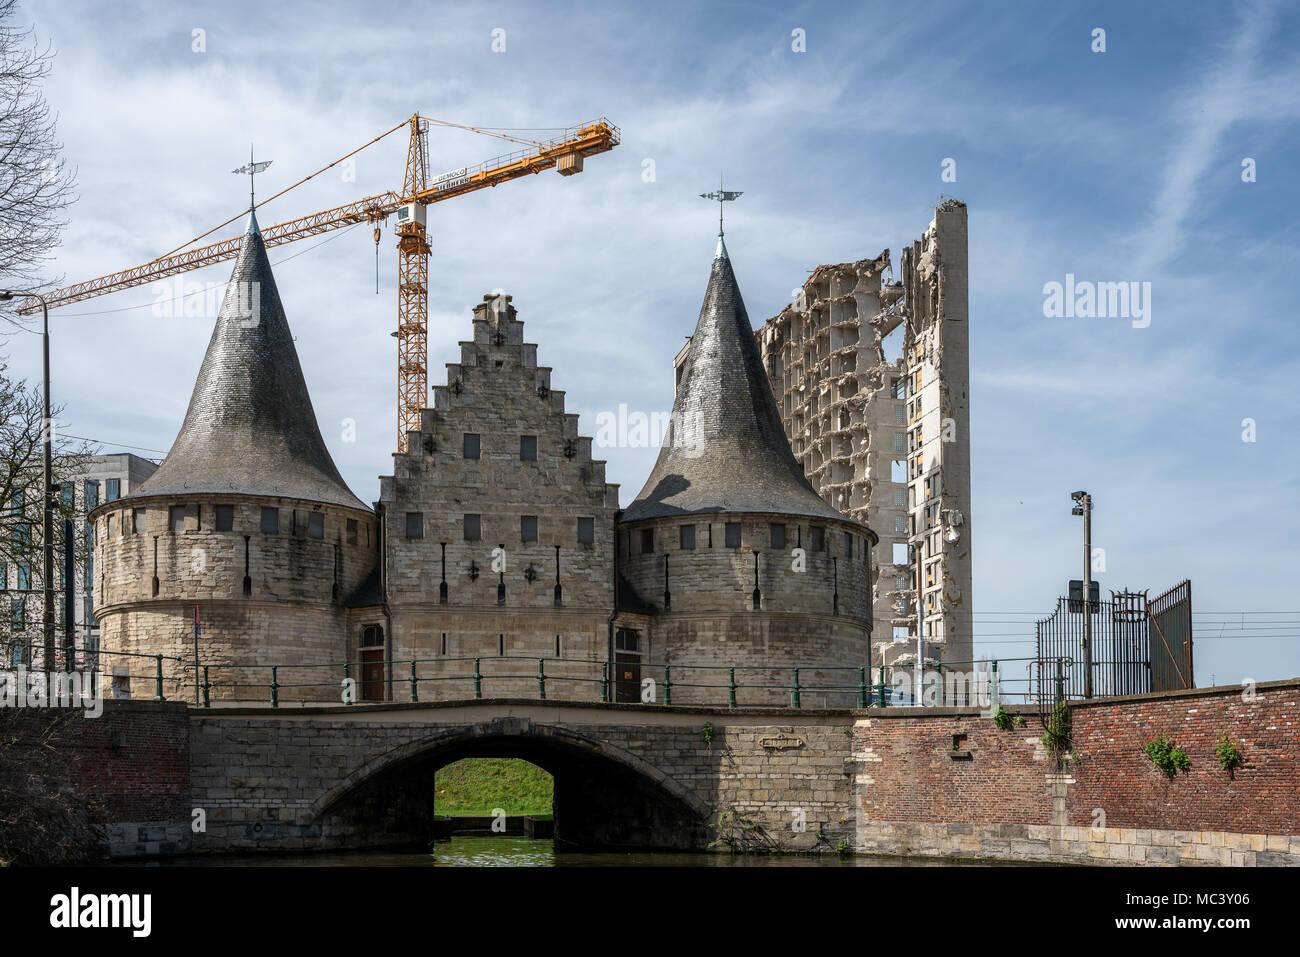 Gent Belgien - Gent, Belgien Stockbild